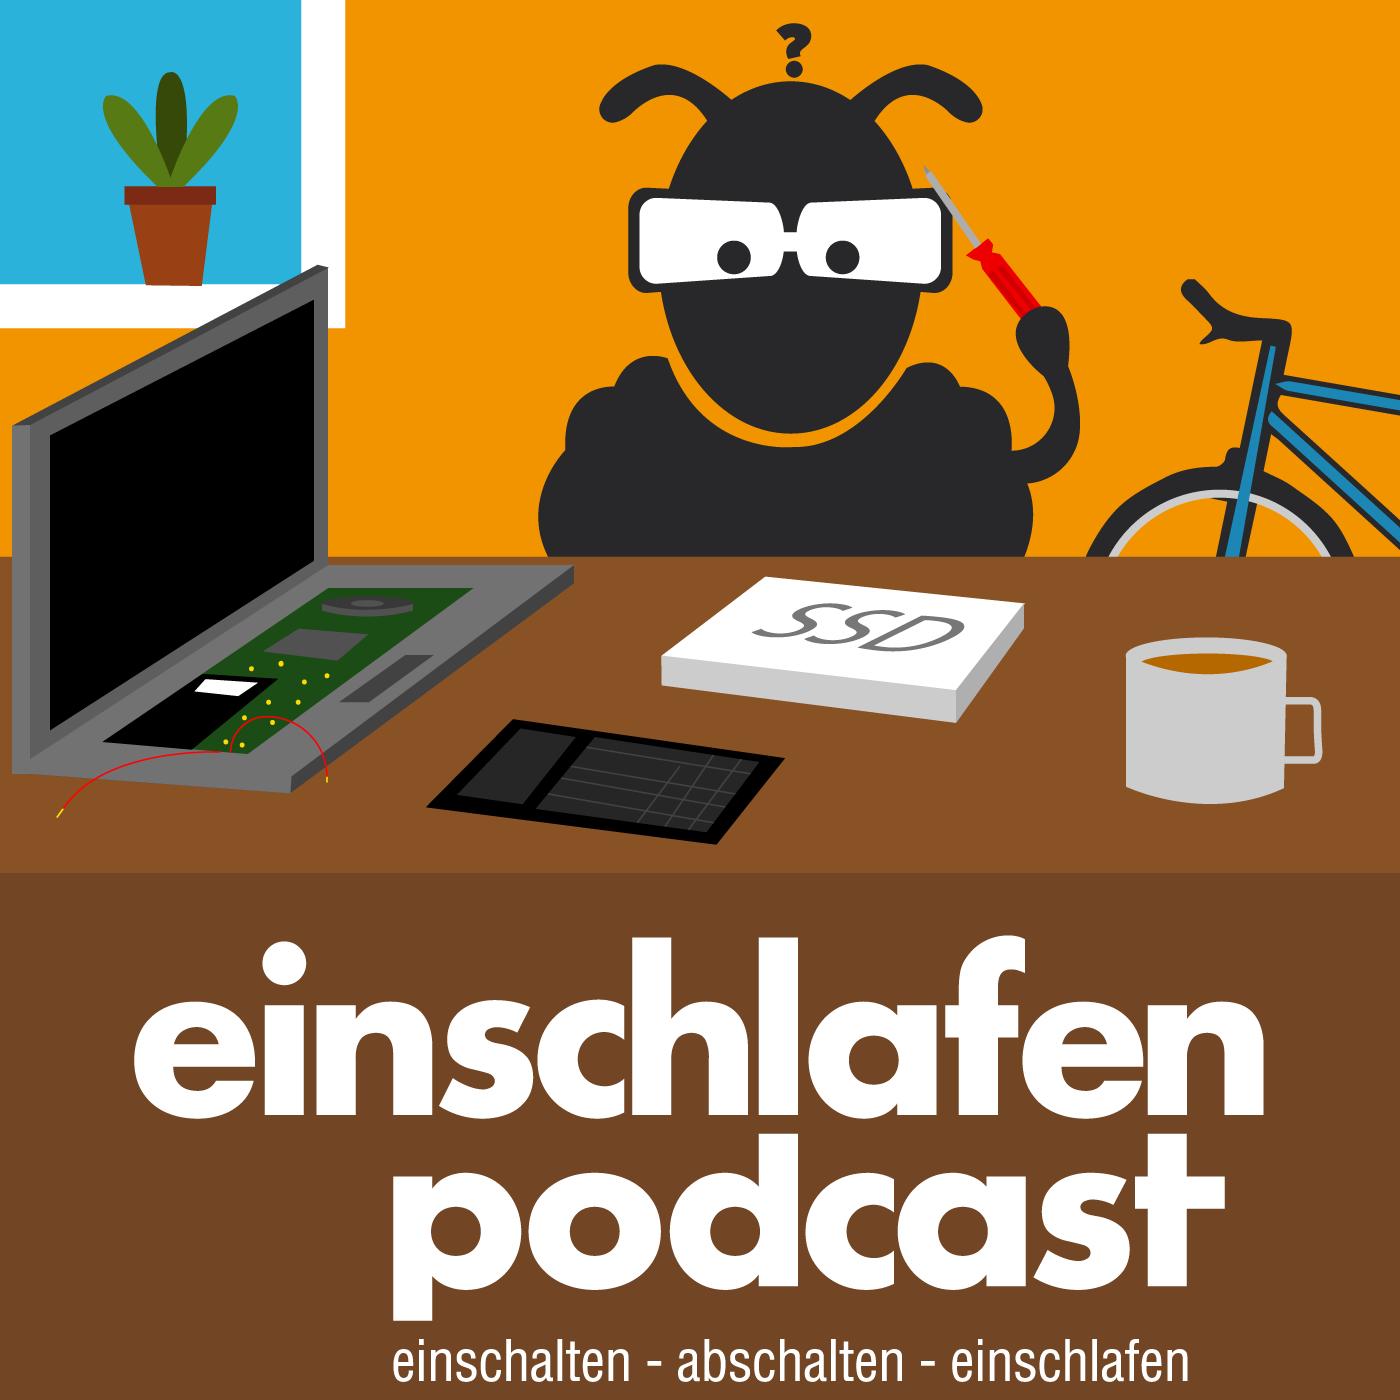 EP 313 - Die Geschichte mit der SSD und andere Irische Elfenmärchen - Episodenbild